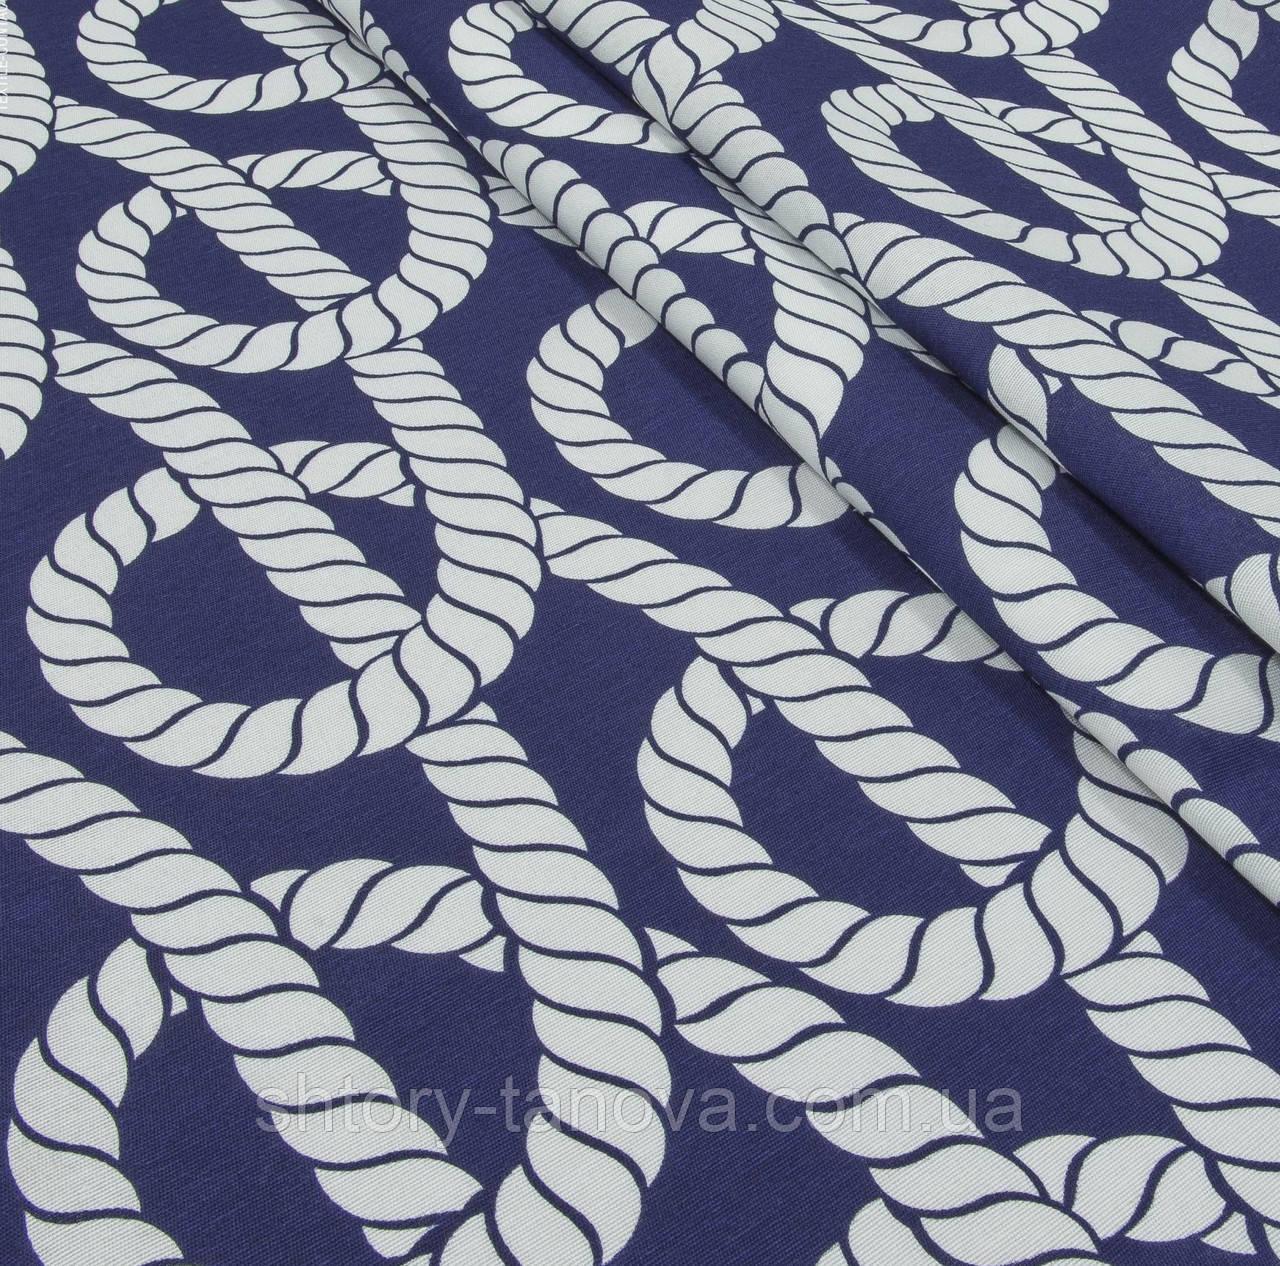 Ткань в морском стиле канат